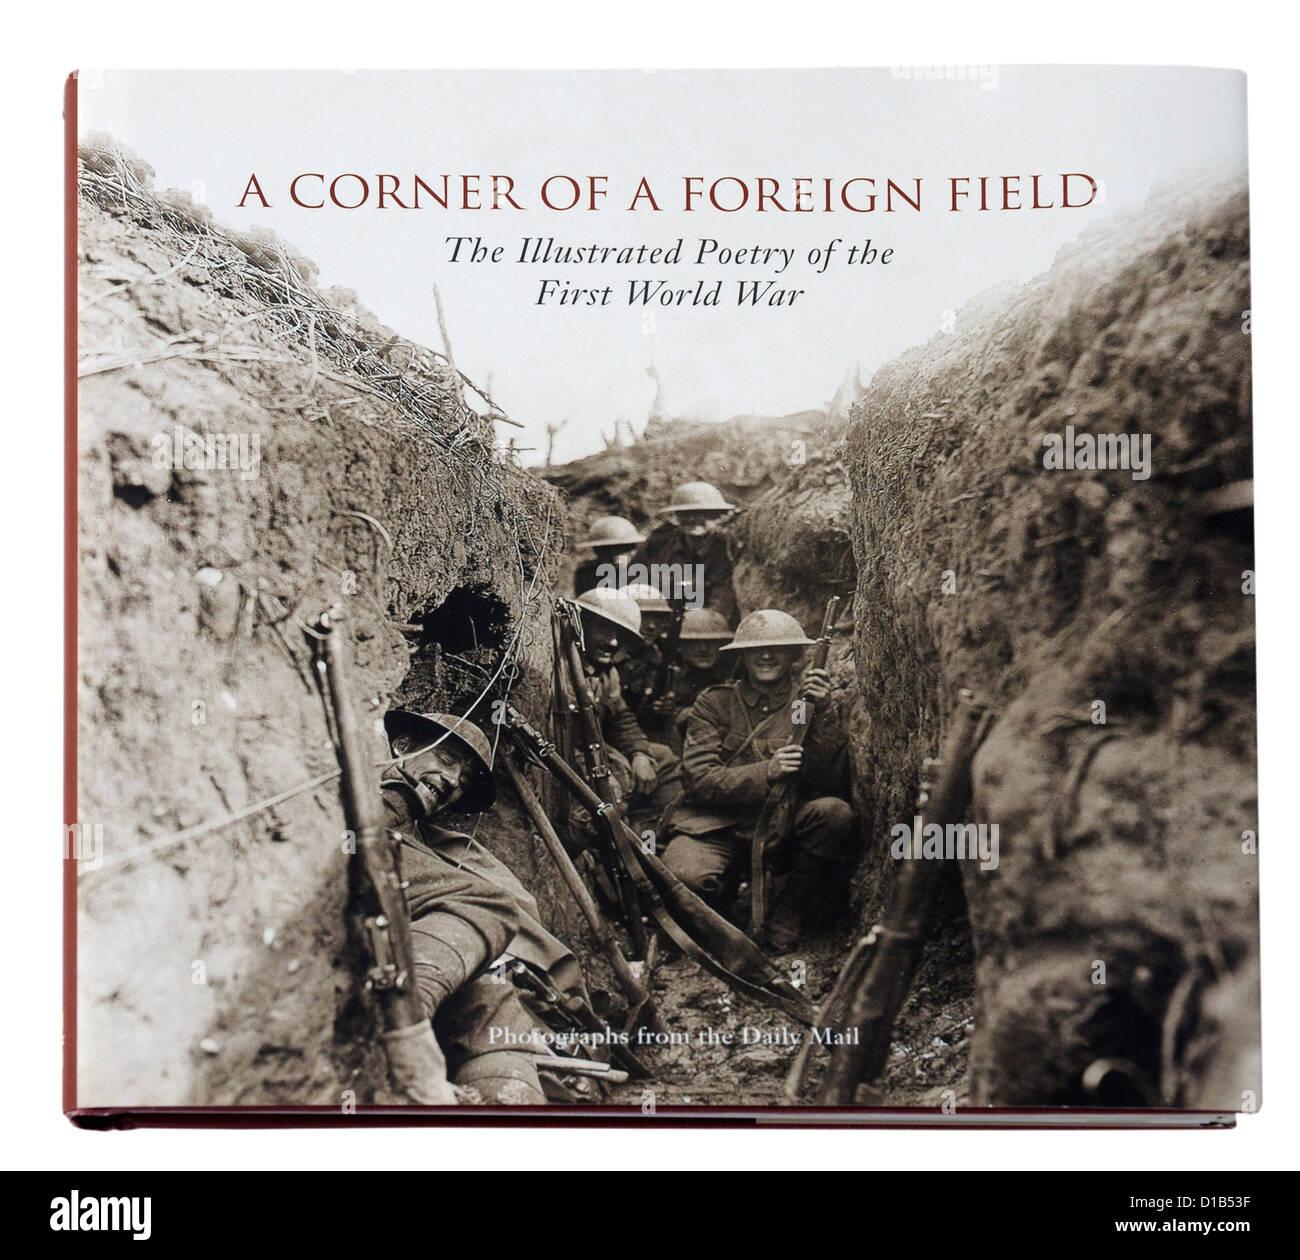 Eine Ecke von einem fremden Gebiet, eine Anthologie des ersten Weltkrieges Poesie Stockbild